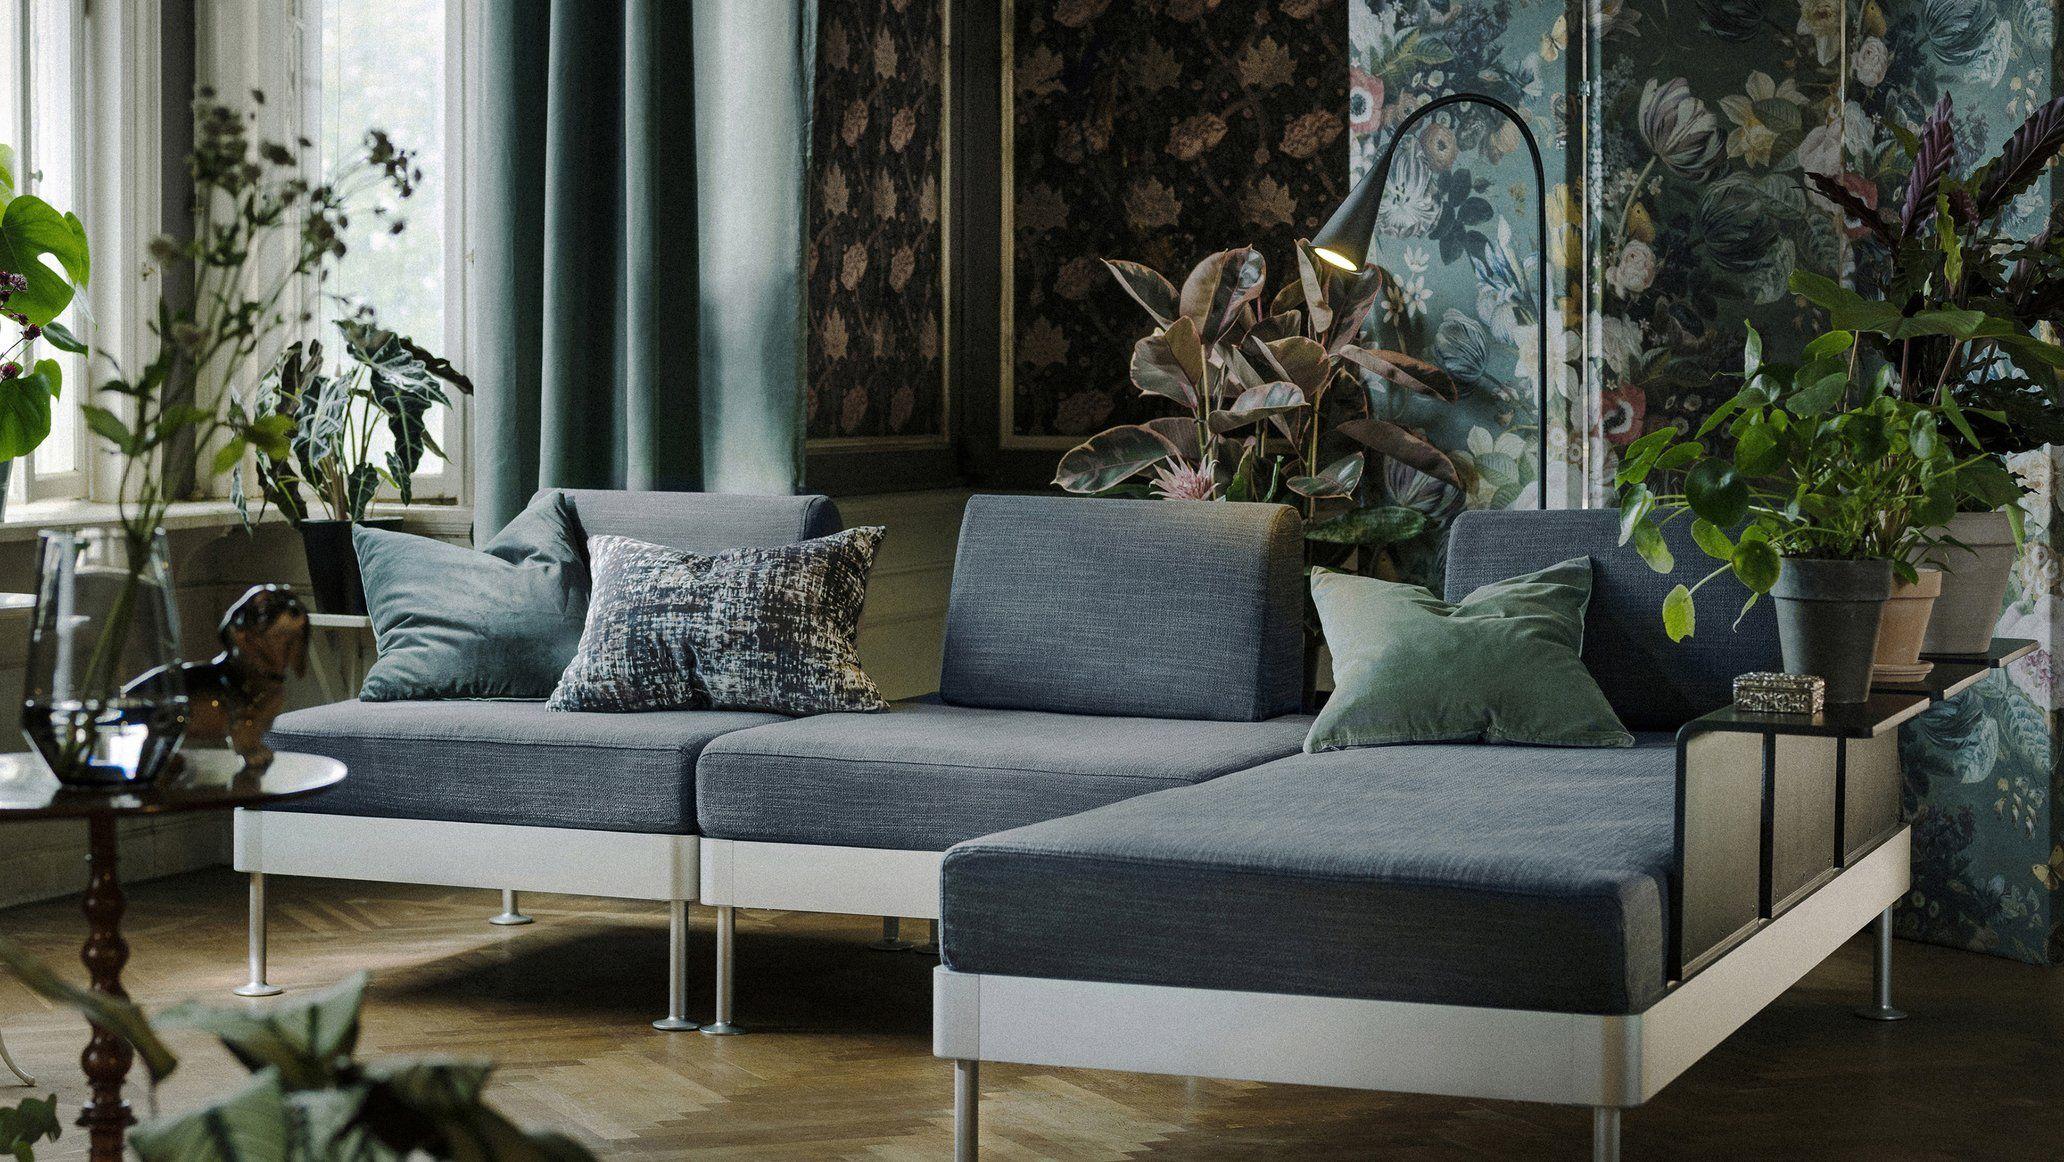 Tom Dixon für Ikea: So geht modernes Wohnen | Tom dixon